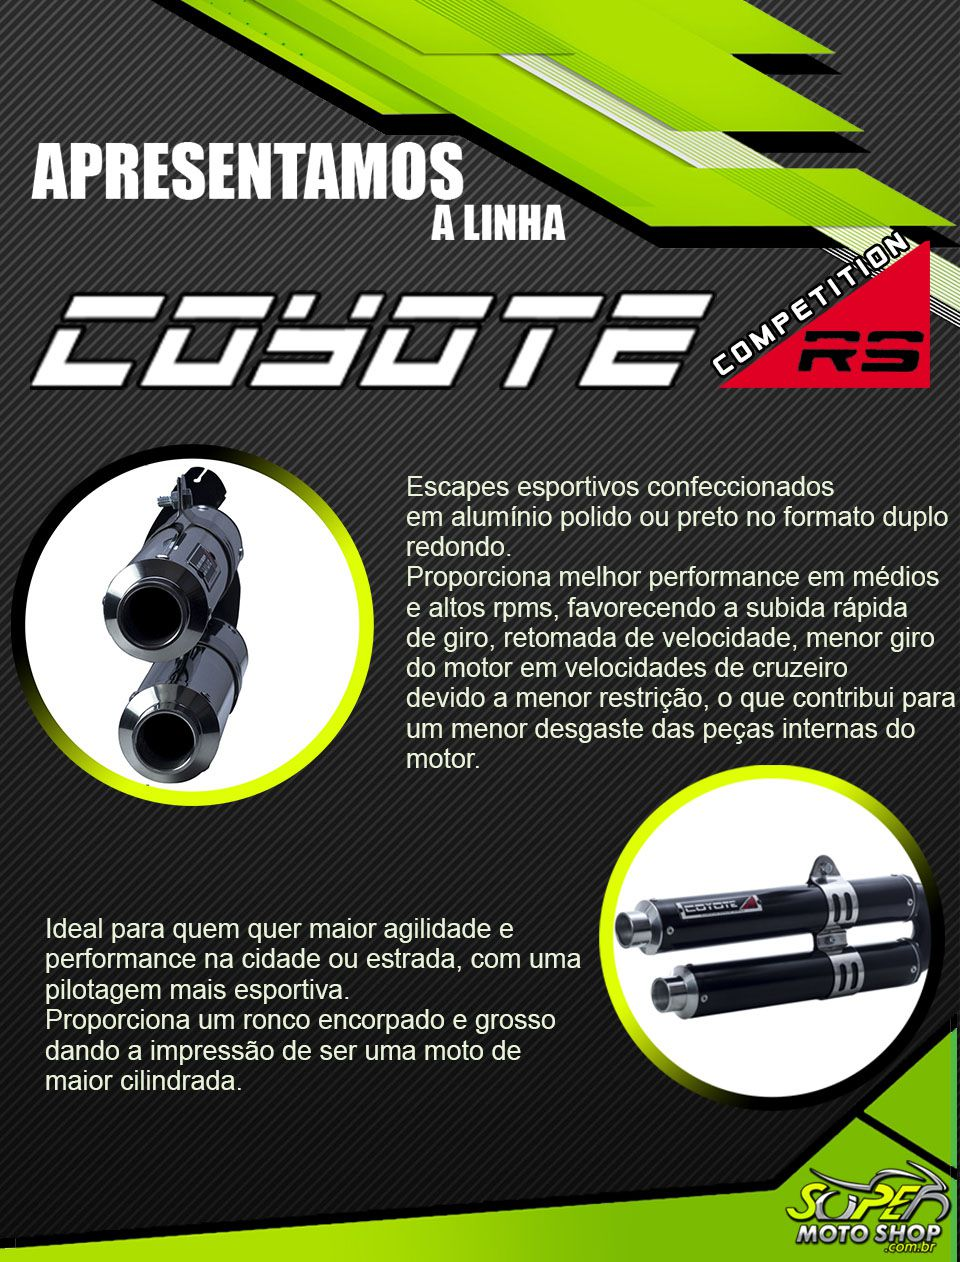 Escape / Ponteira Coyote Competition Duplo em Alumínio - Duke 390 / 200 - KTM